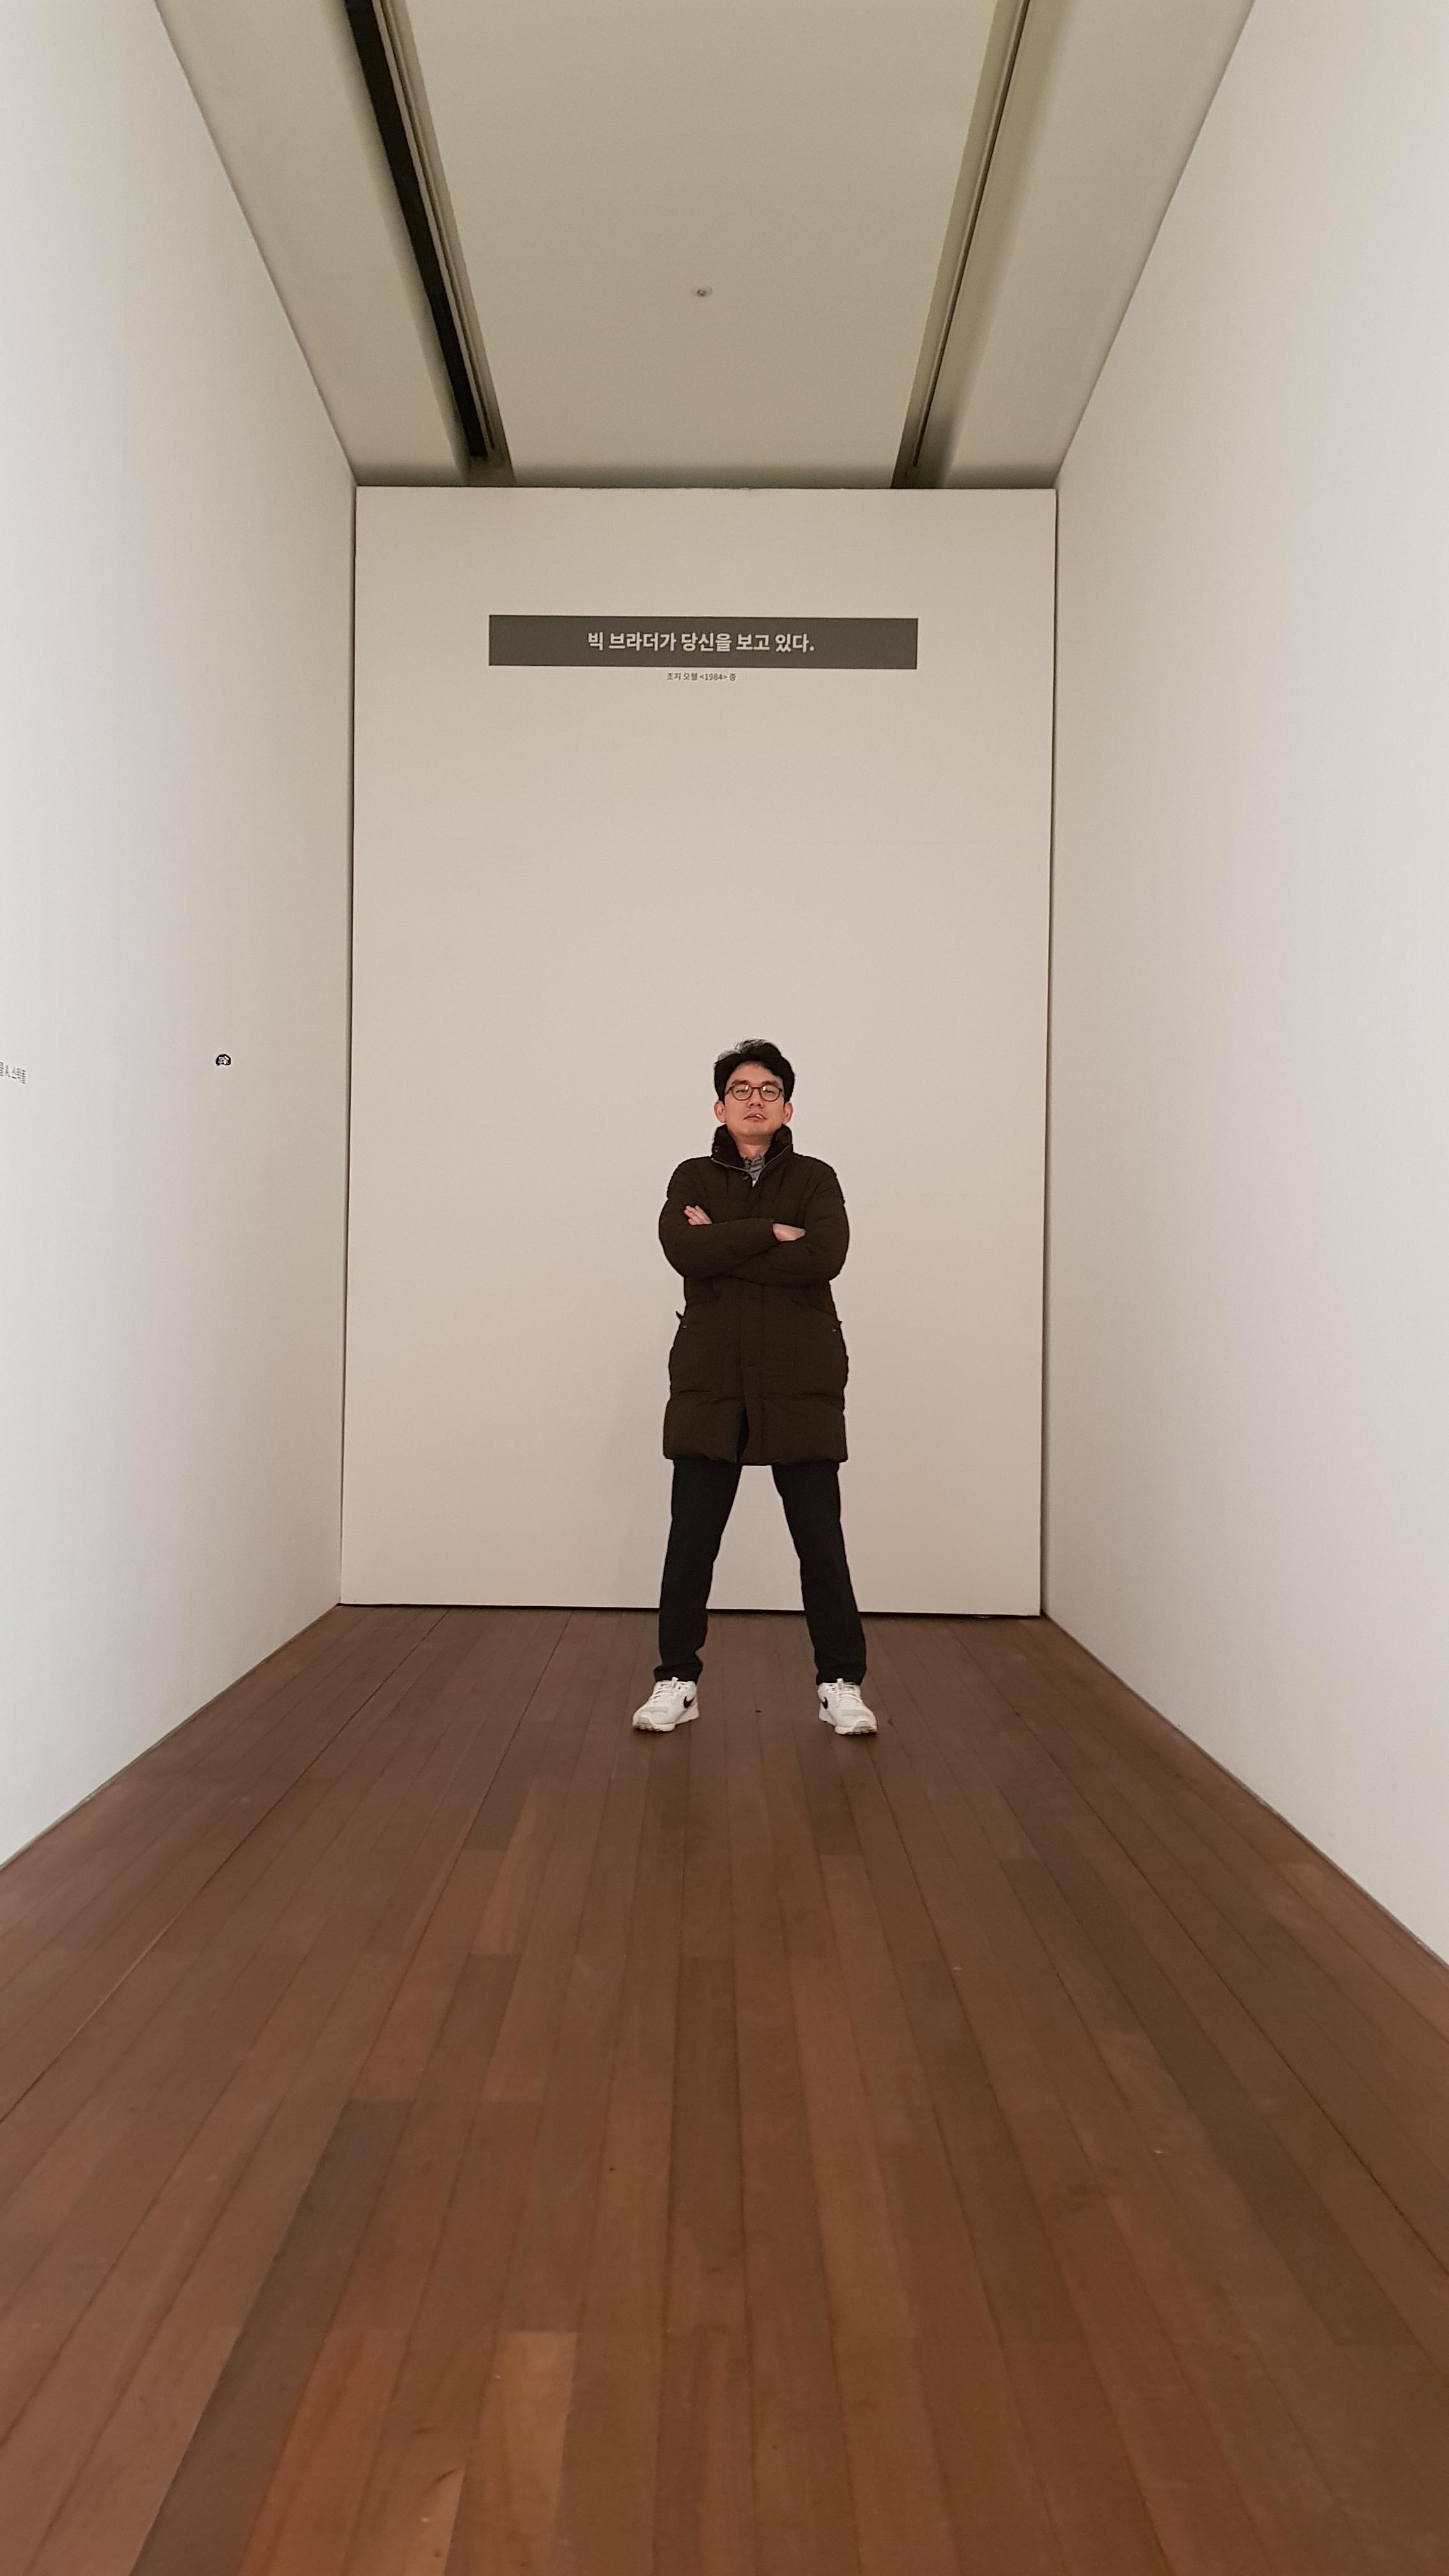 20191116_125132.jpg